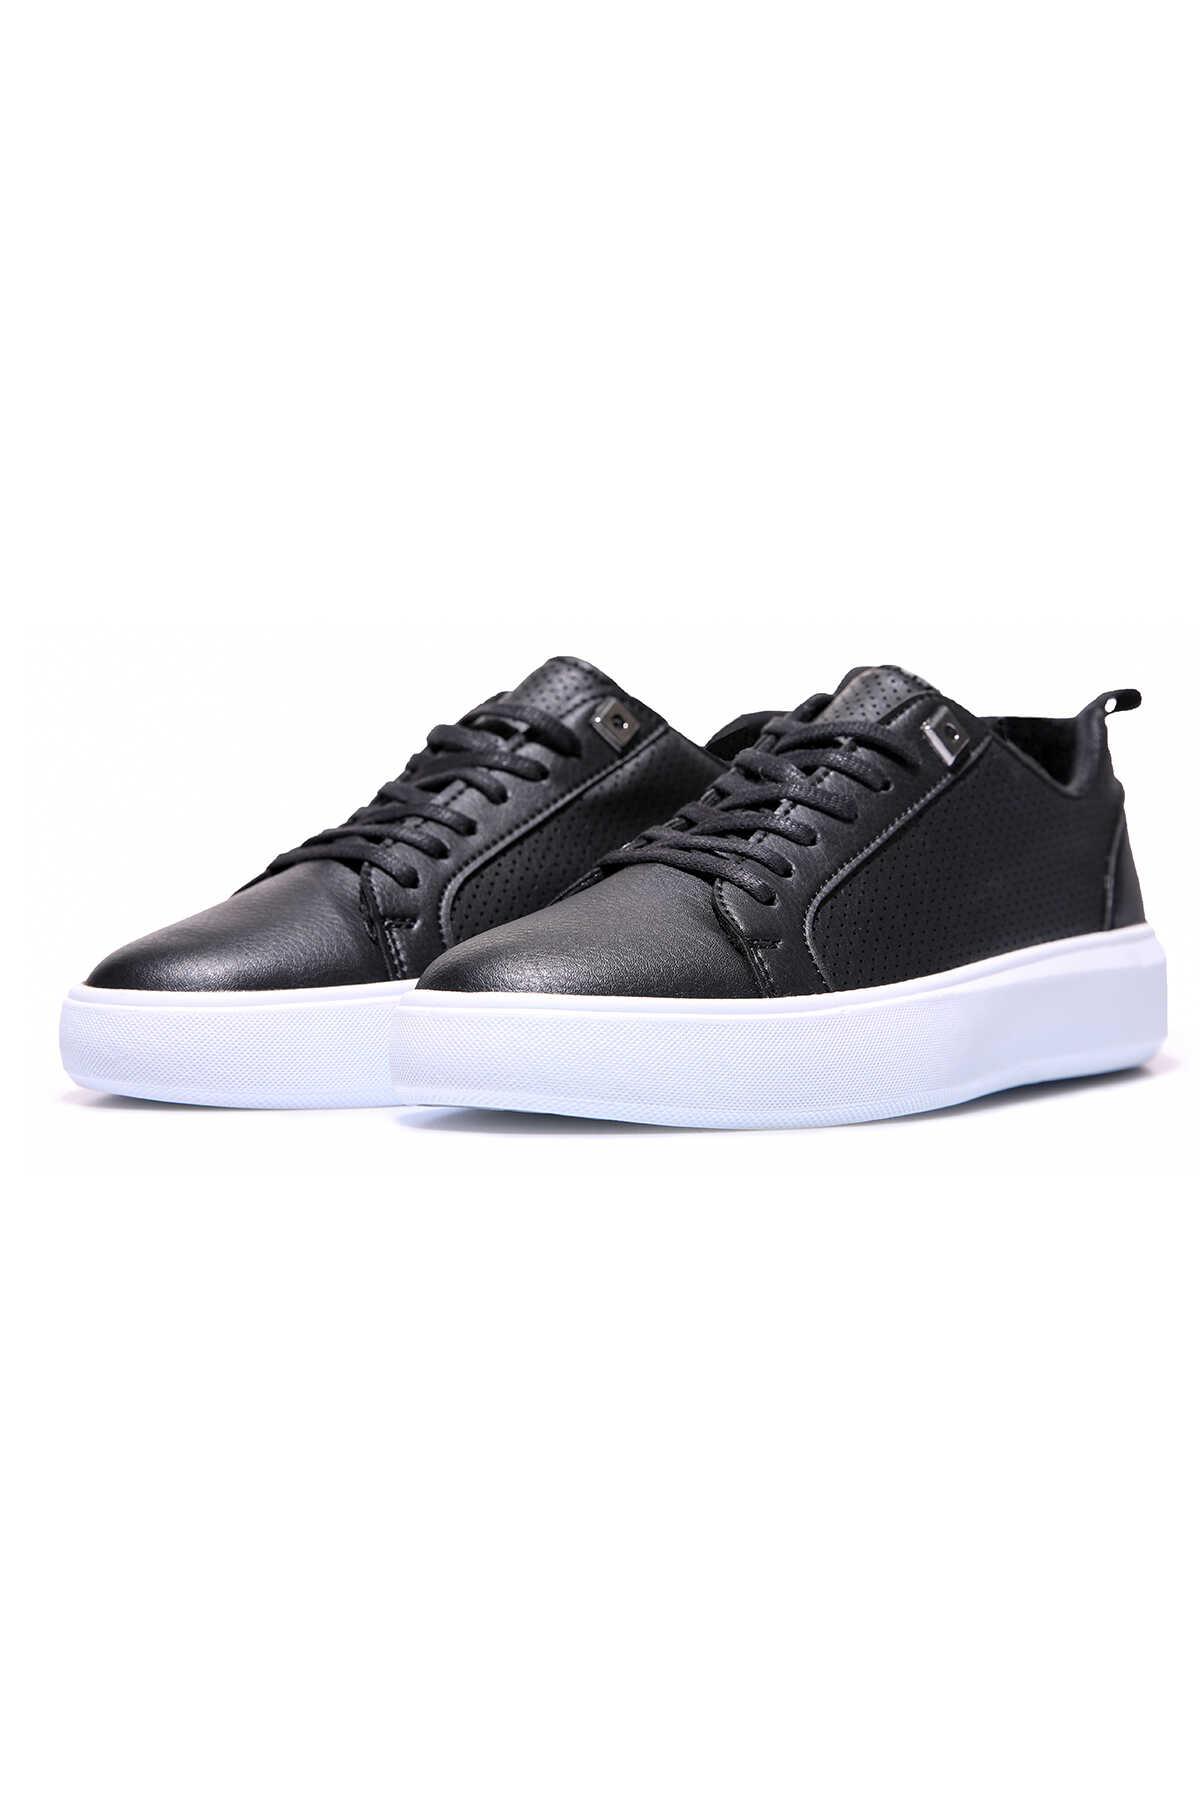 Tommy Life Toptan Siyah - Beyaz Erkek Delikli Bağcıklı Suni Deri Spor Ayakkabı - 89055_01